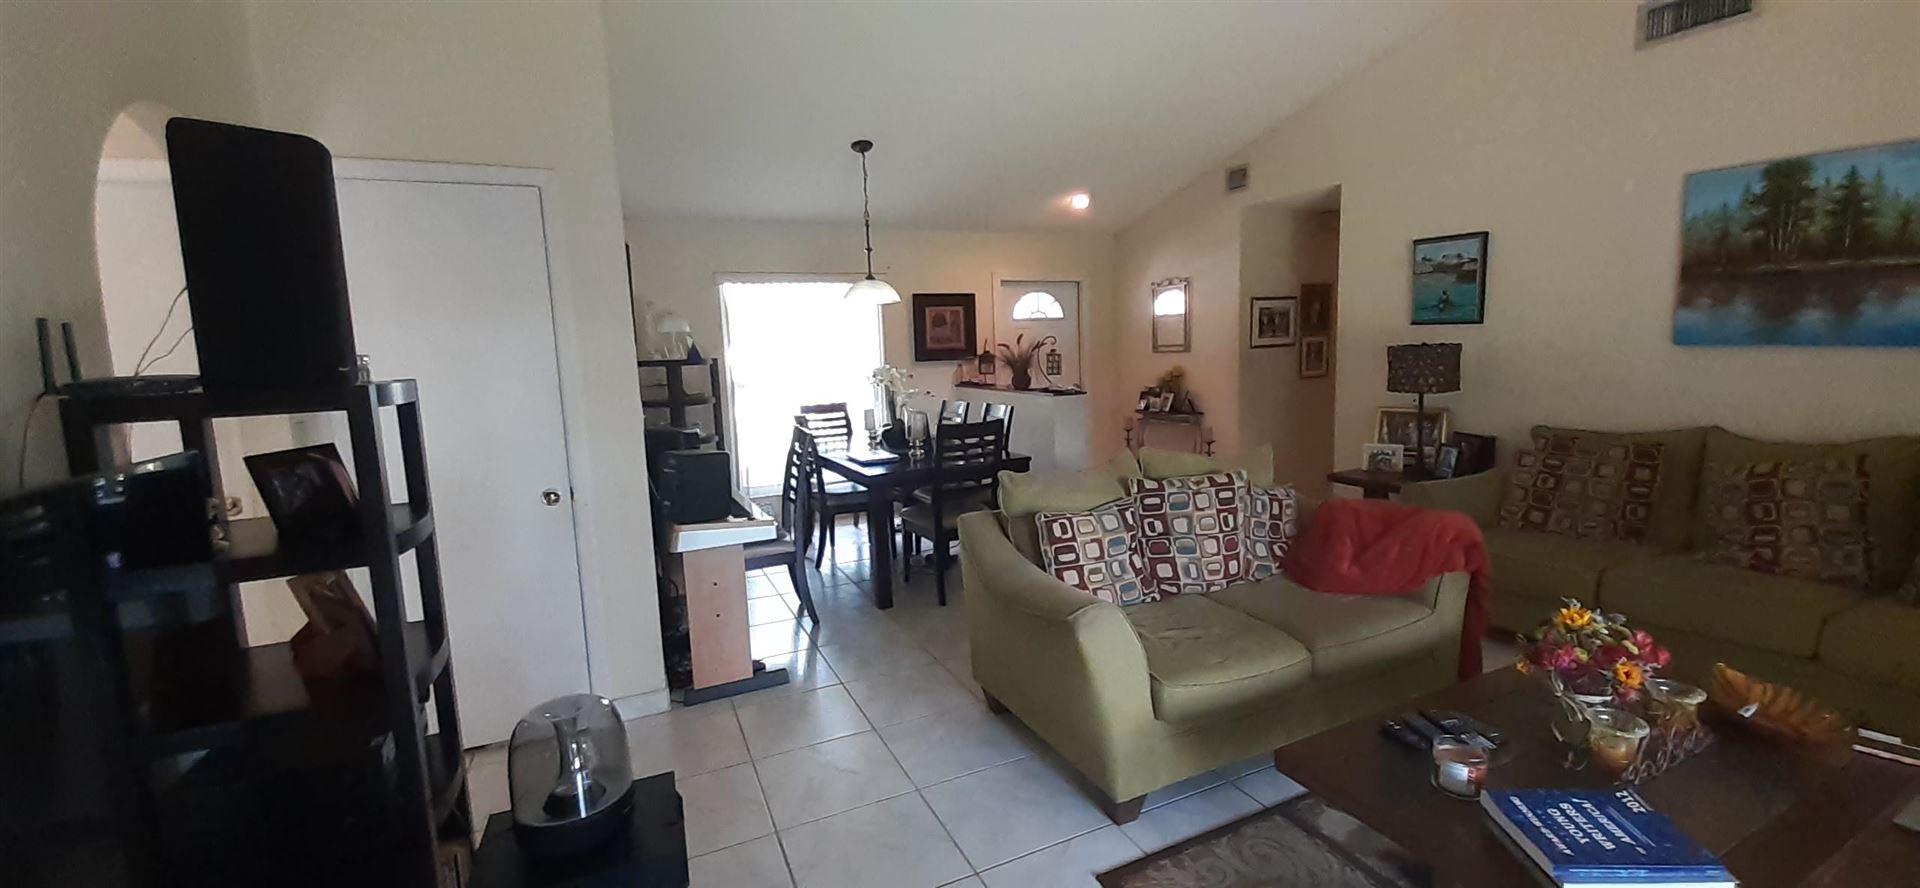 Photo of 9530 Ashley Drive Drive, Miramar, FL 33025 (MLS # RX-10657327)